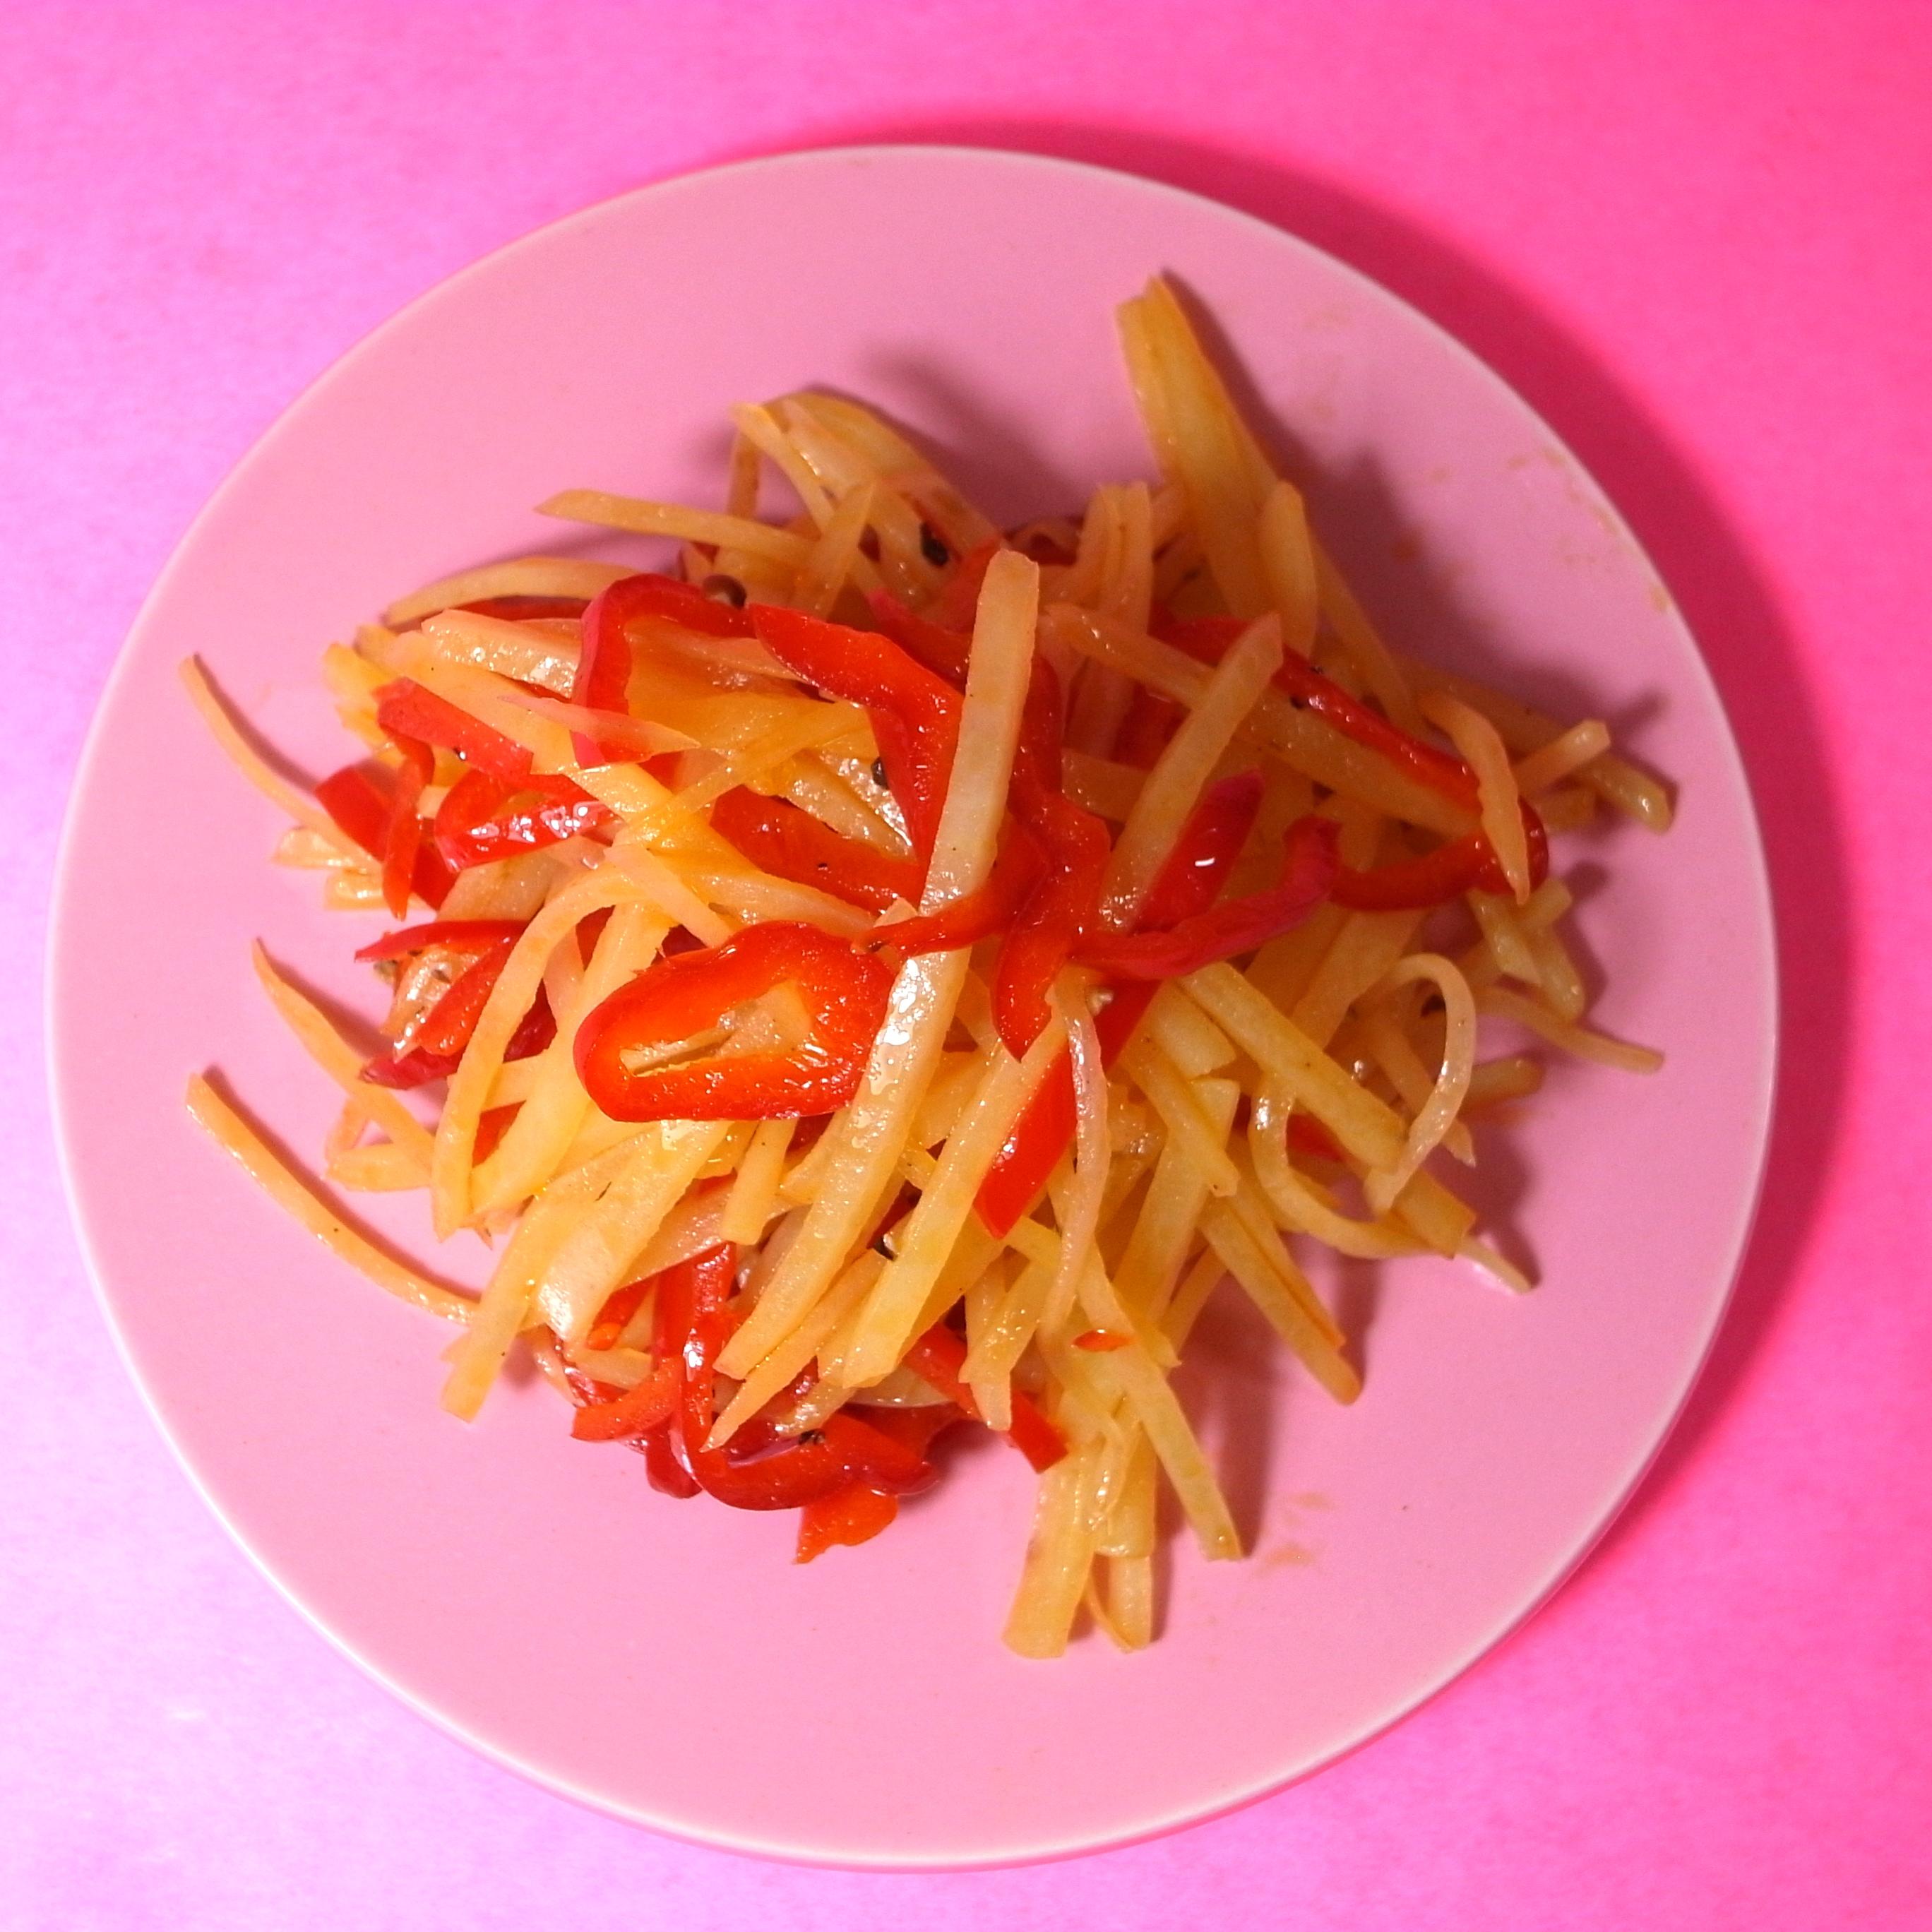 赤ピーマンとじゃがいもの塩炒め −食べて身体の内側から日焼けケア!−